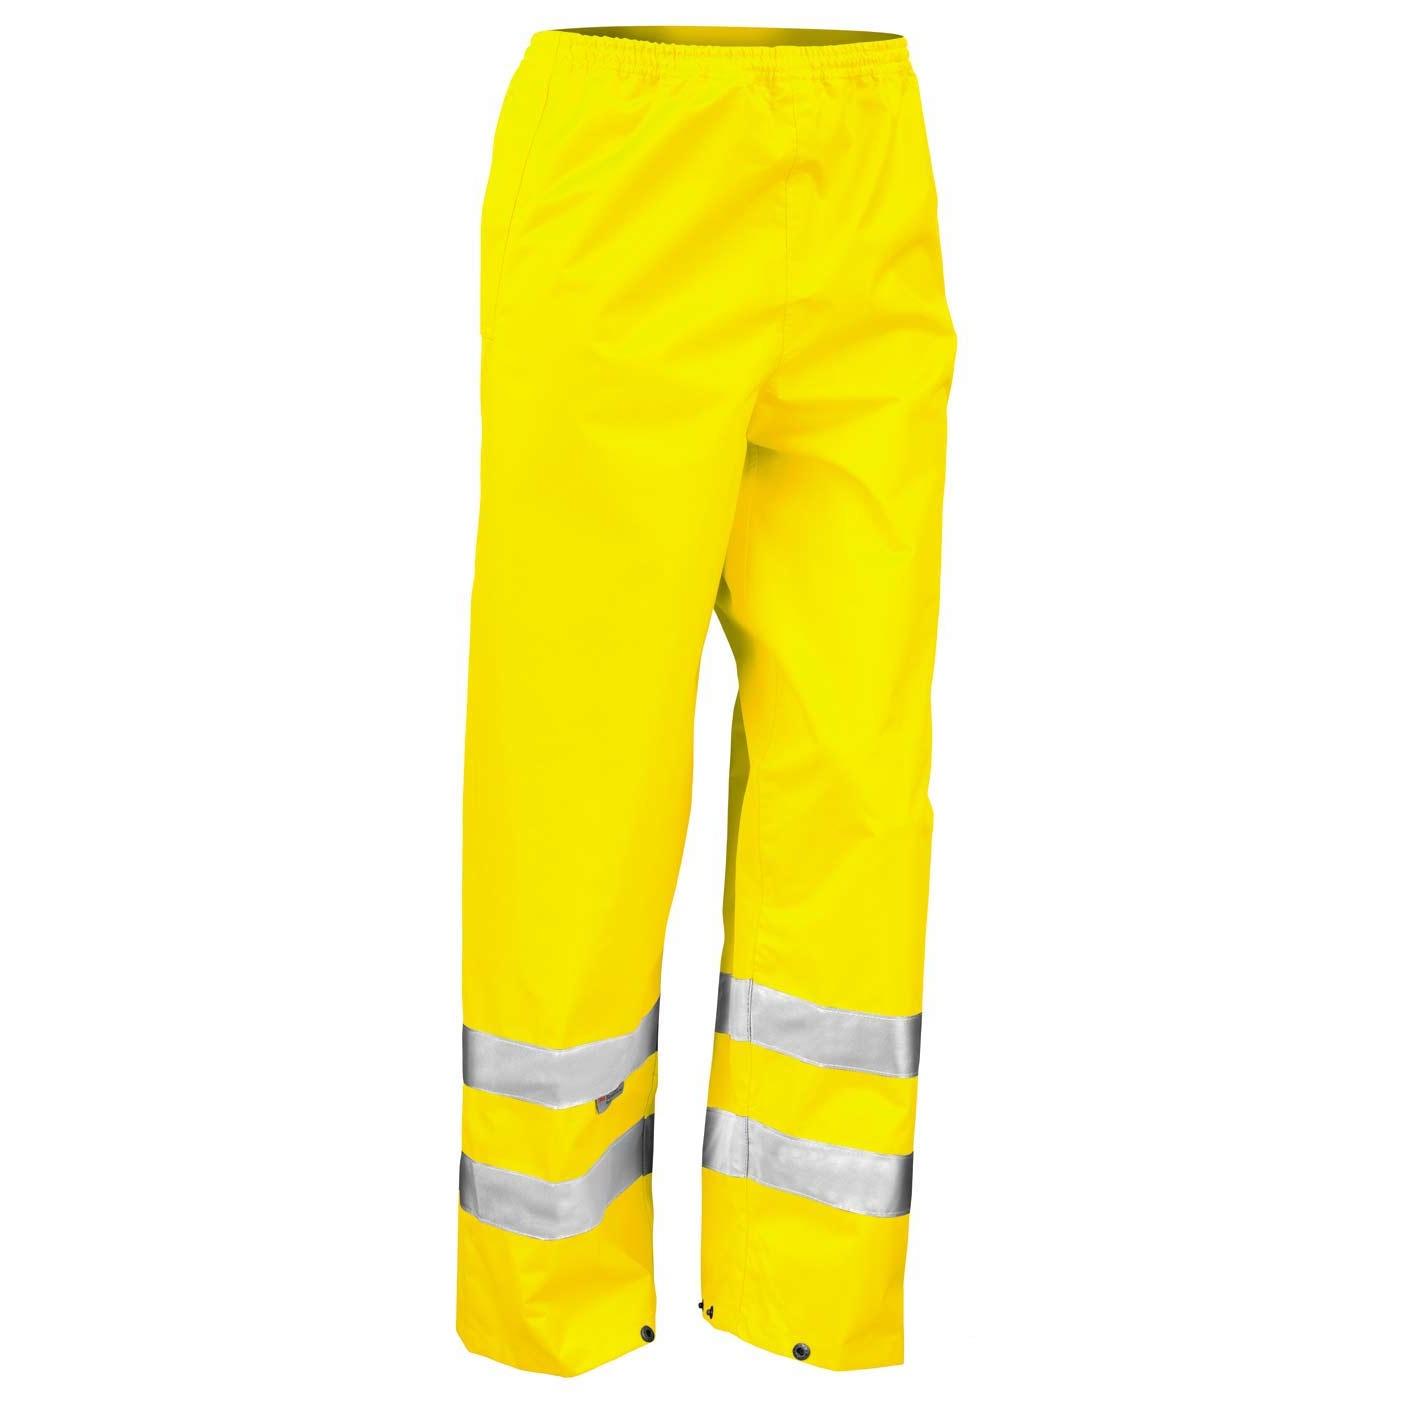 Result Mens Hi-Vis Trousers / Pants (Pack of 2) (2XL) (Hi-Vis Yellow)